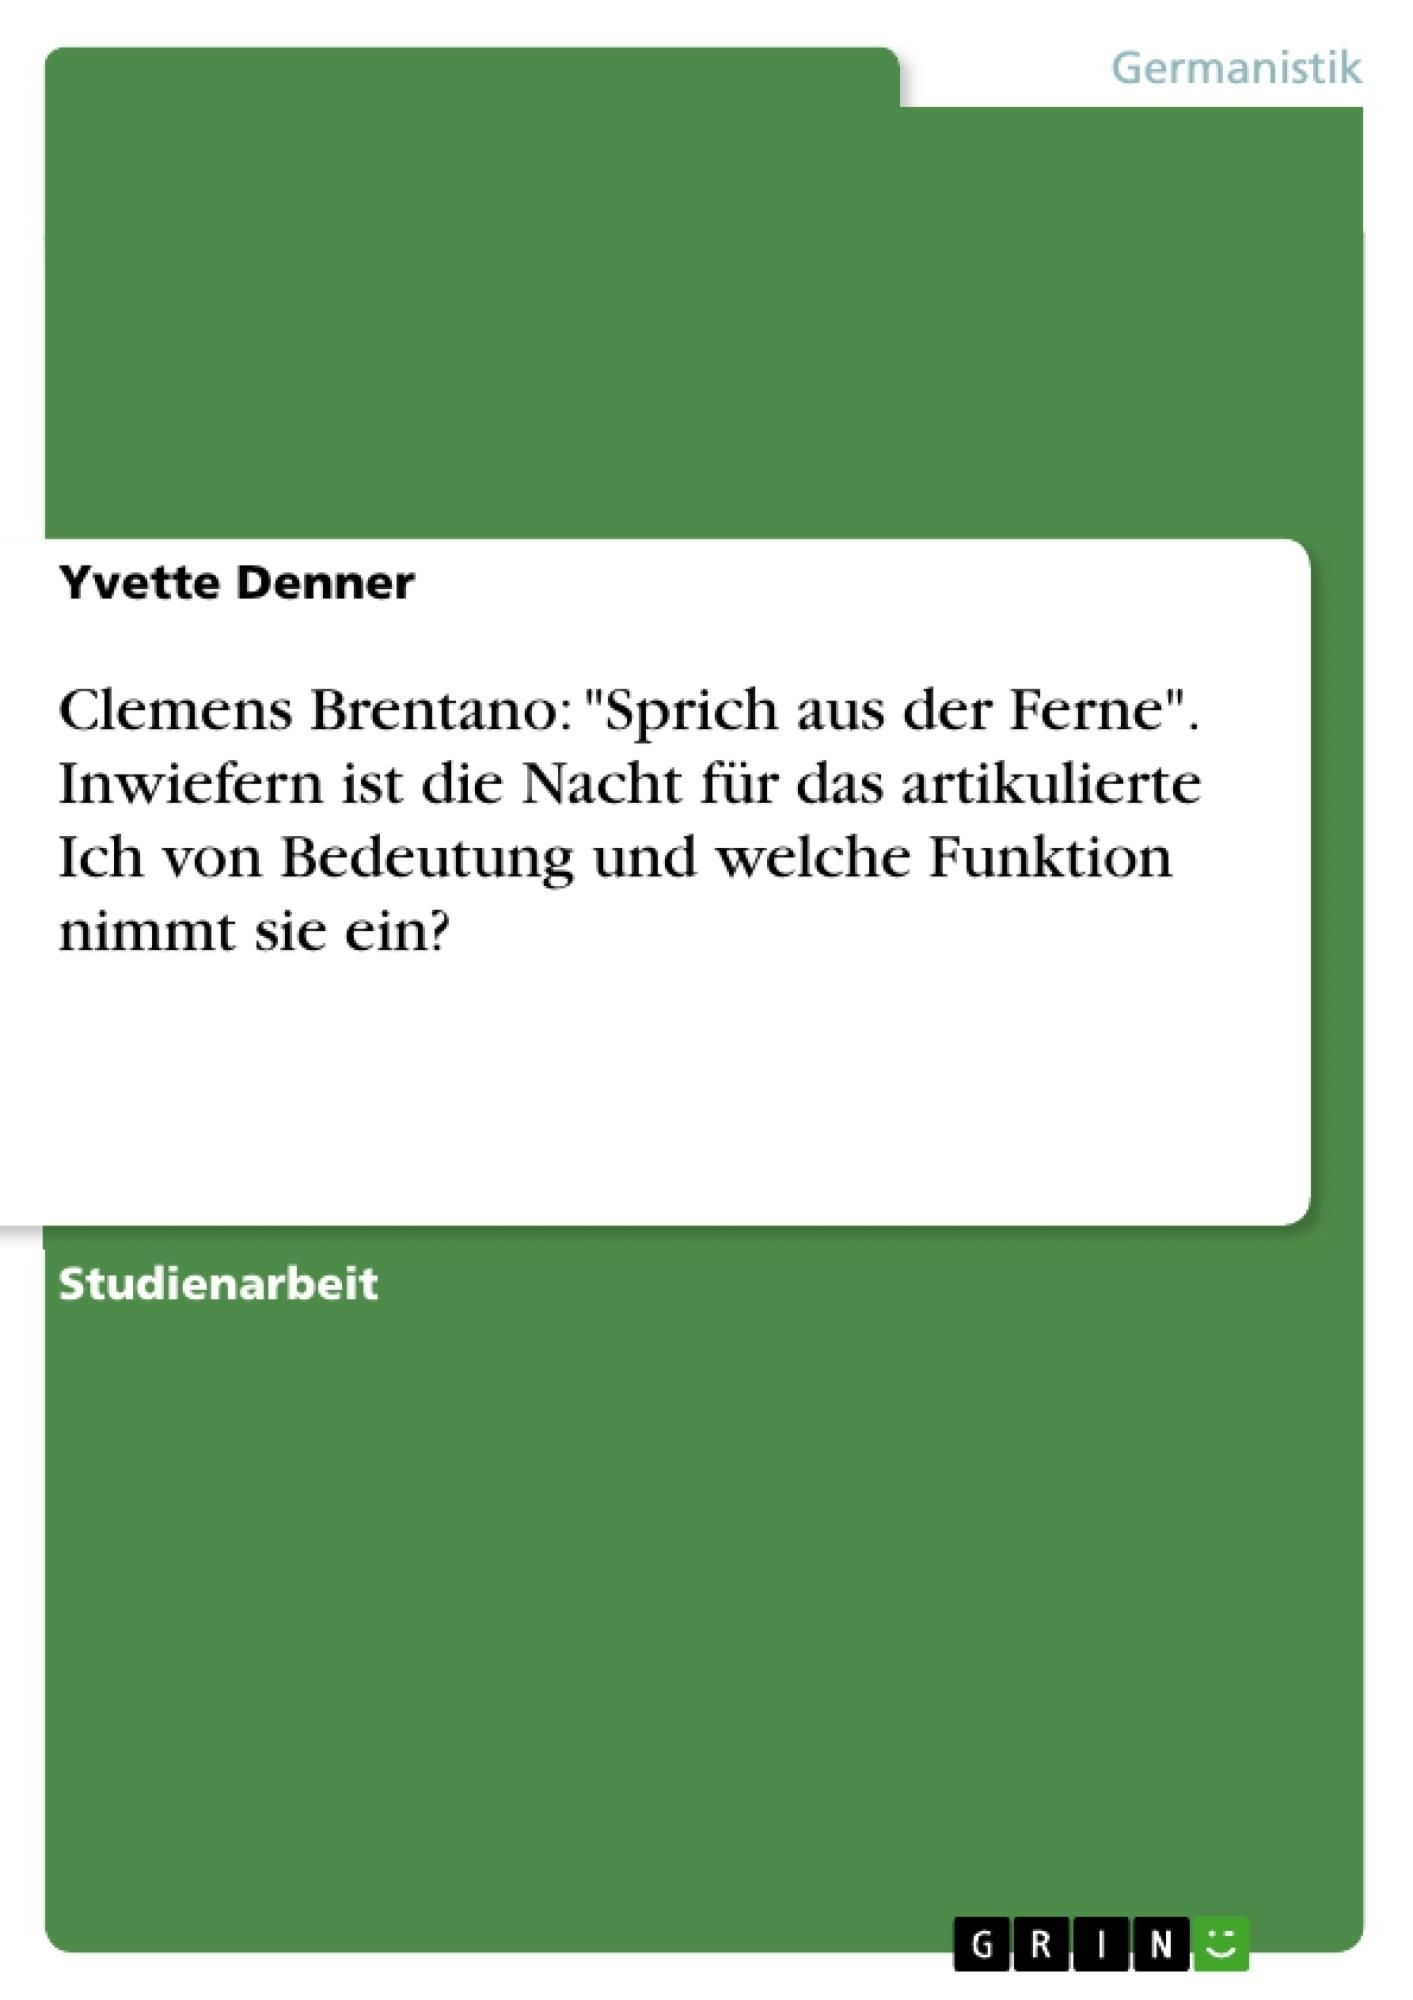 """Titel: Clemens Brentano: """"Sprich aus der Ferne"""". Inwiefern ist die Nacht für das artikulierte Ich von Bedeutung und welche Funktion nimmt sie ein?"""